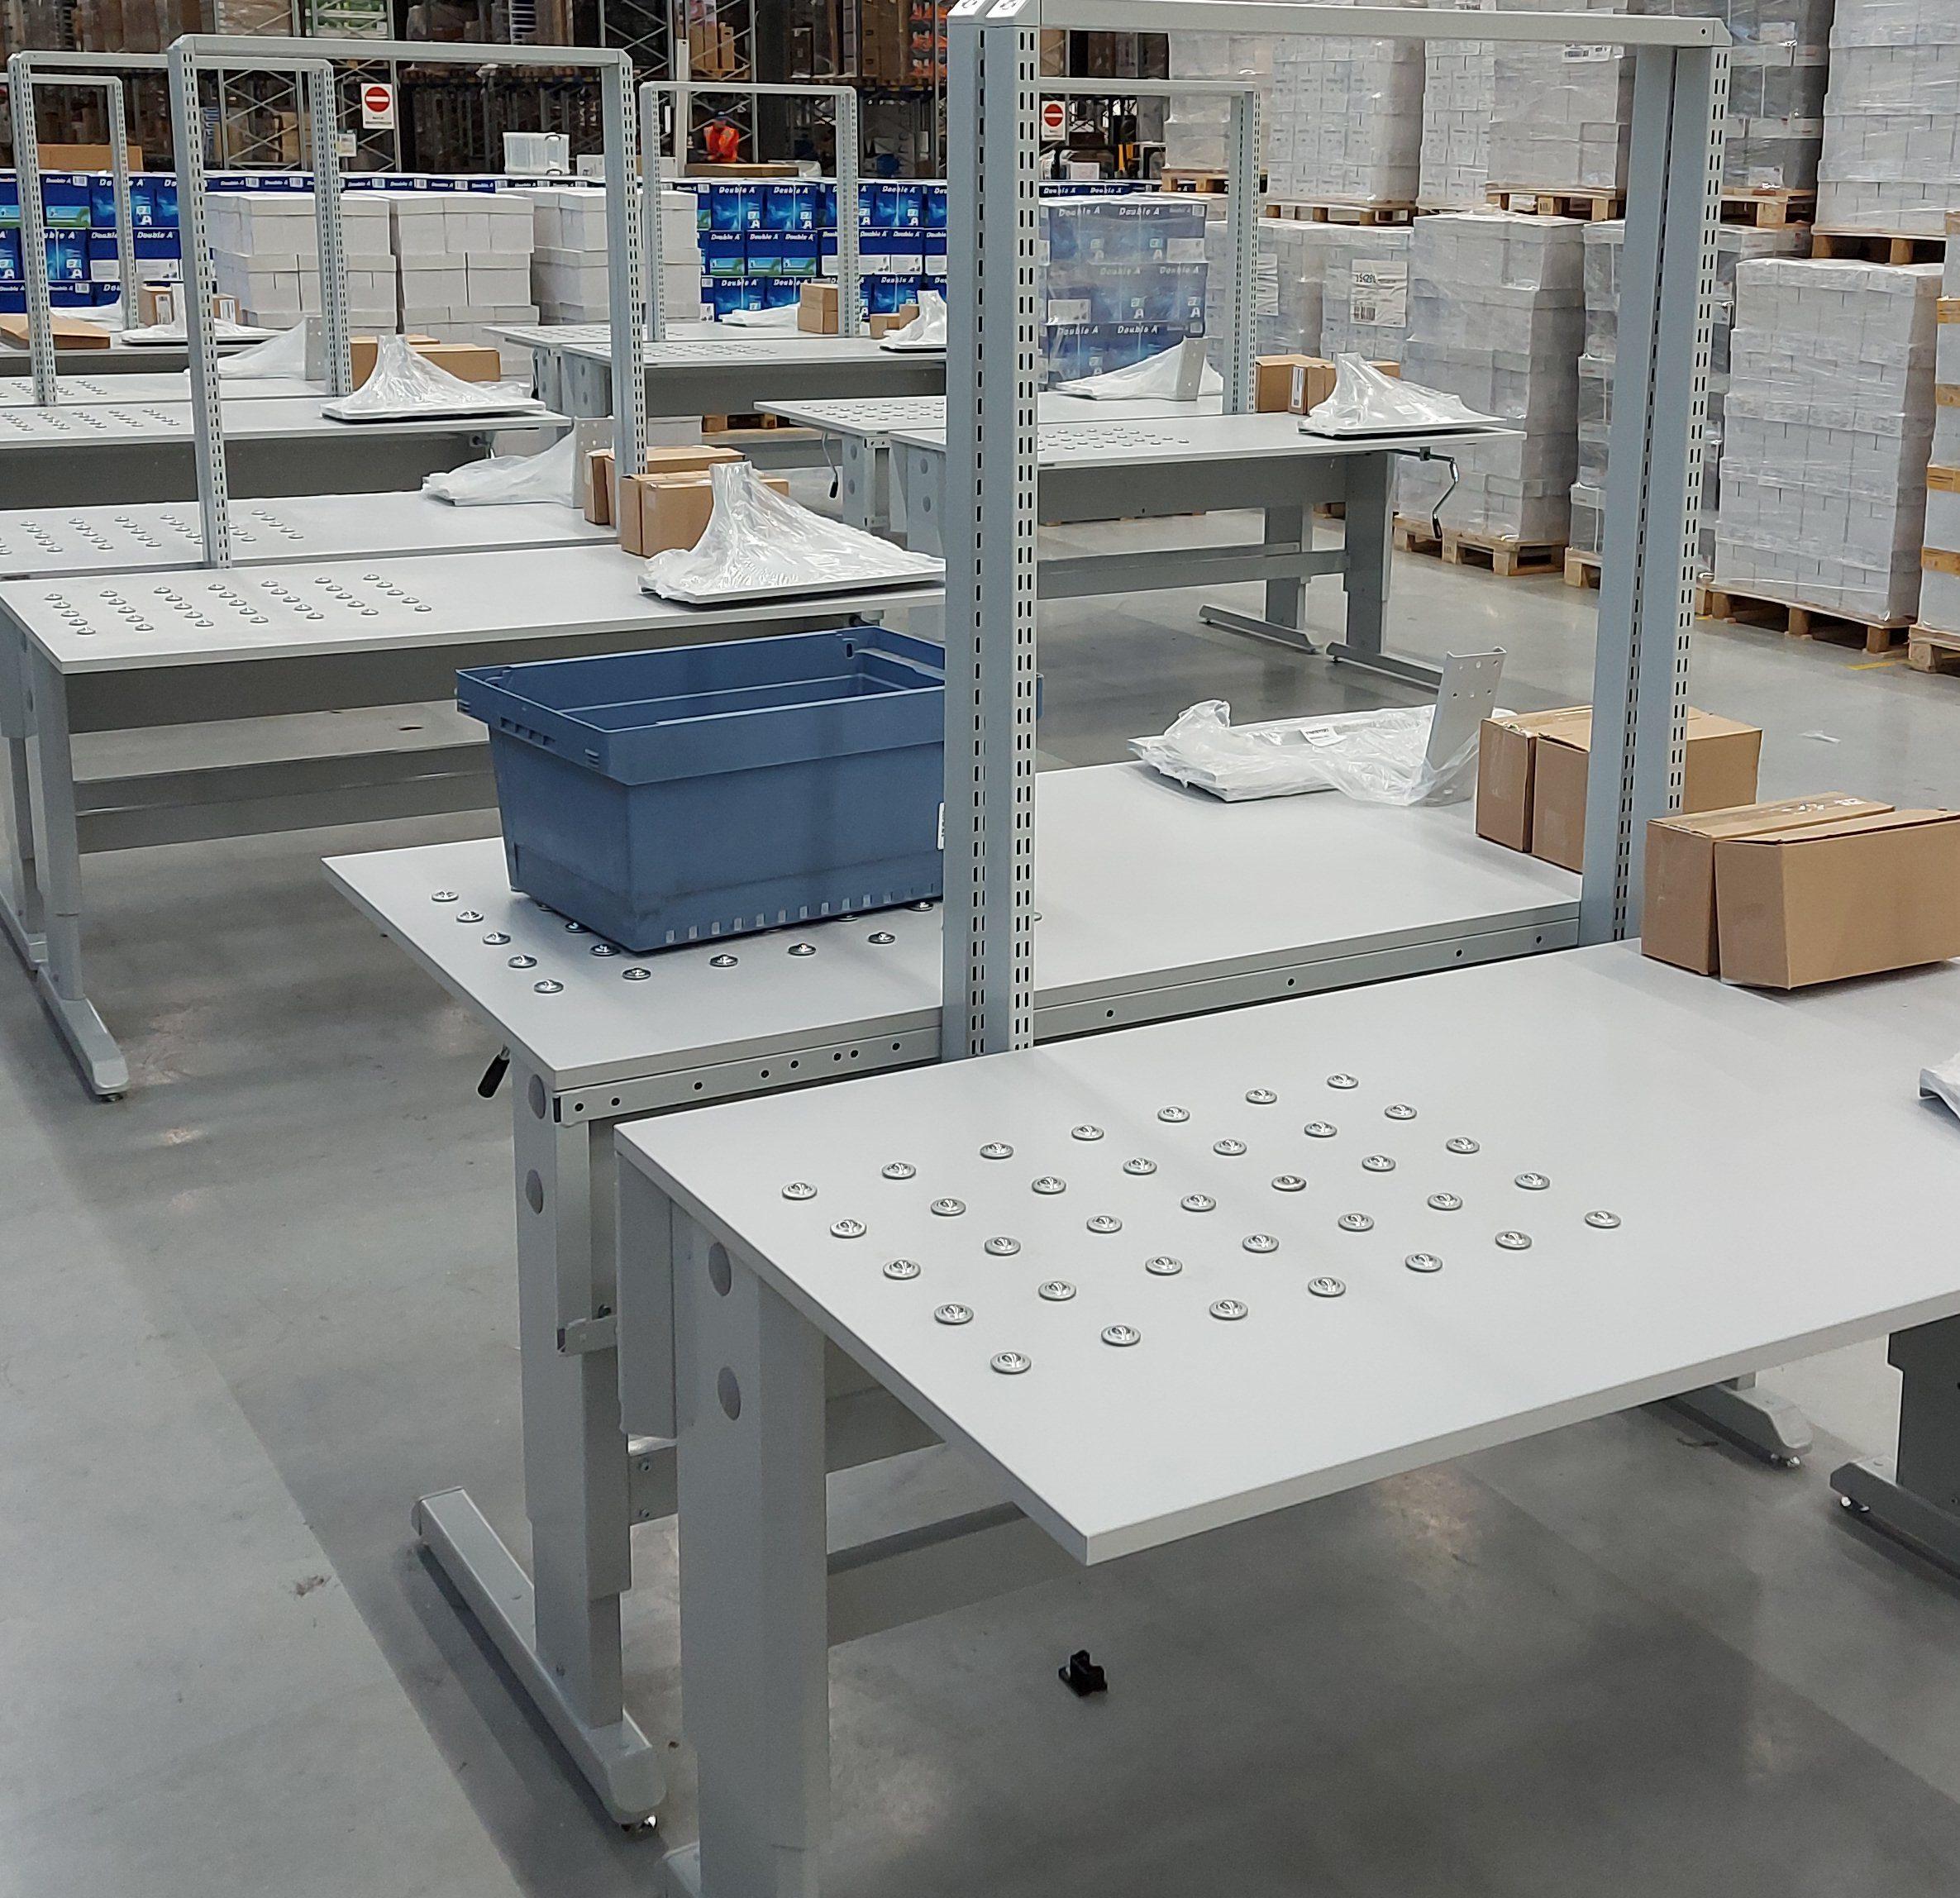 Groothandel kantoorartikelen kiest voor Sovella Nederland